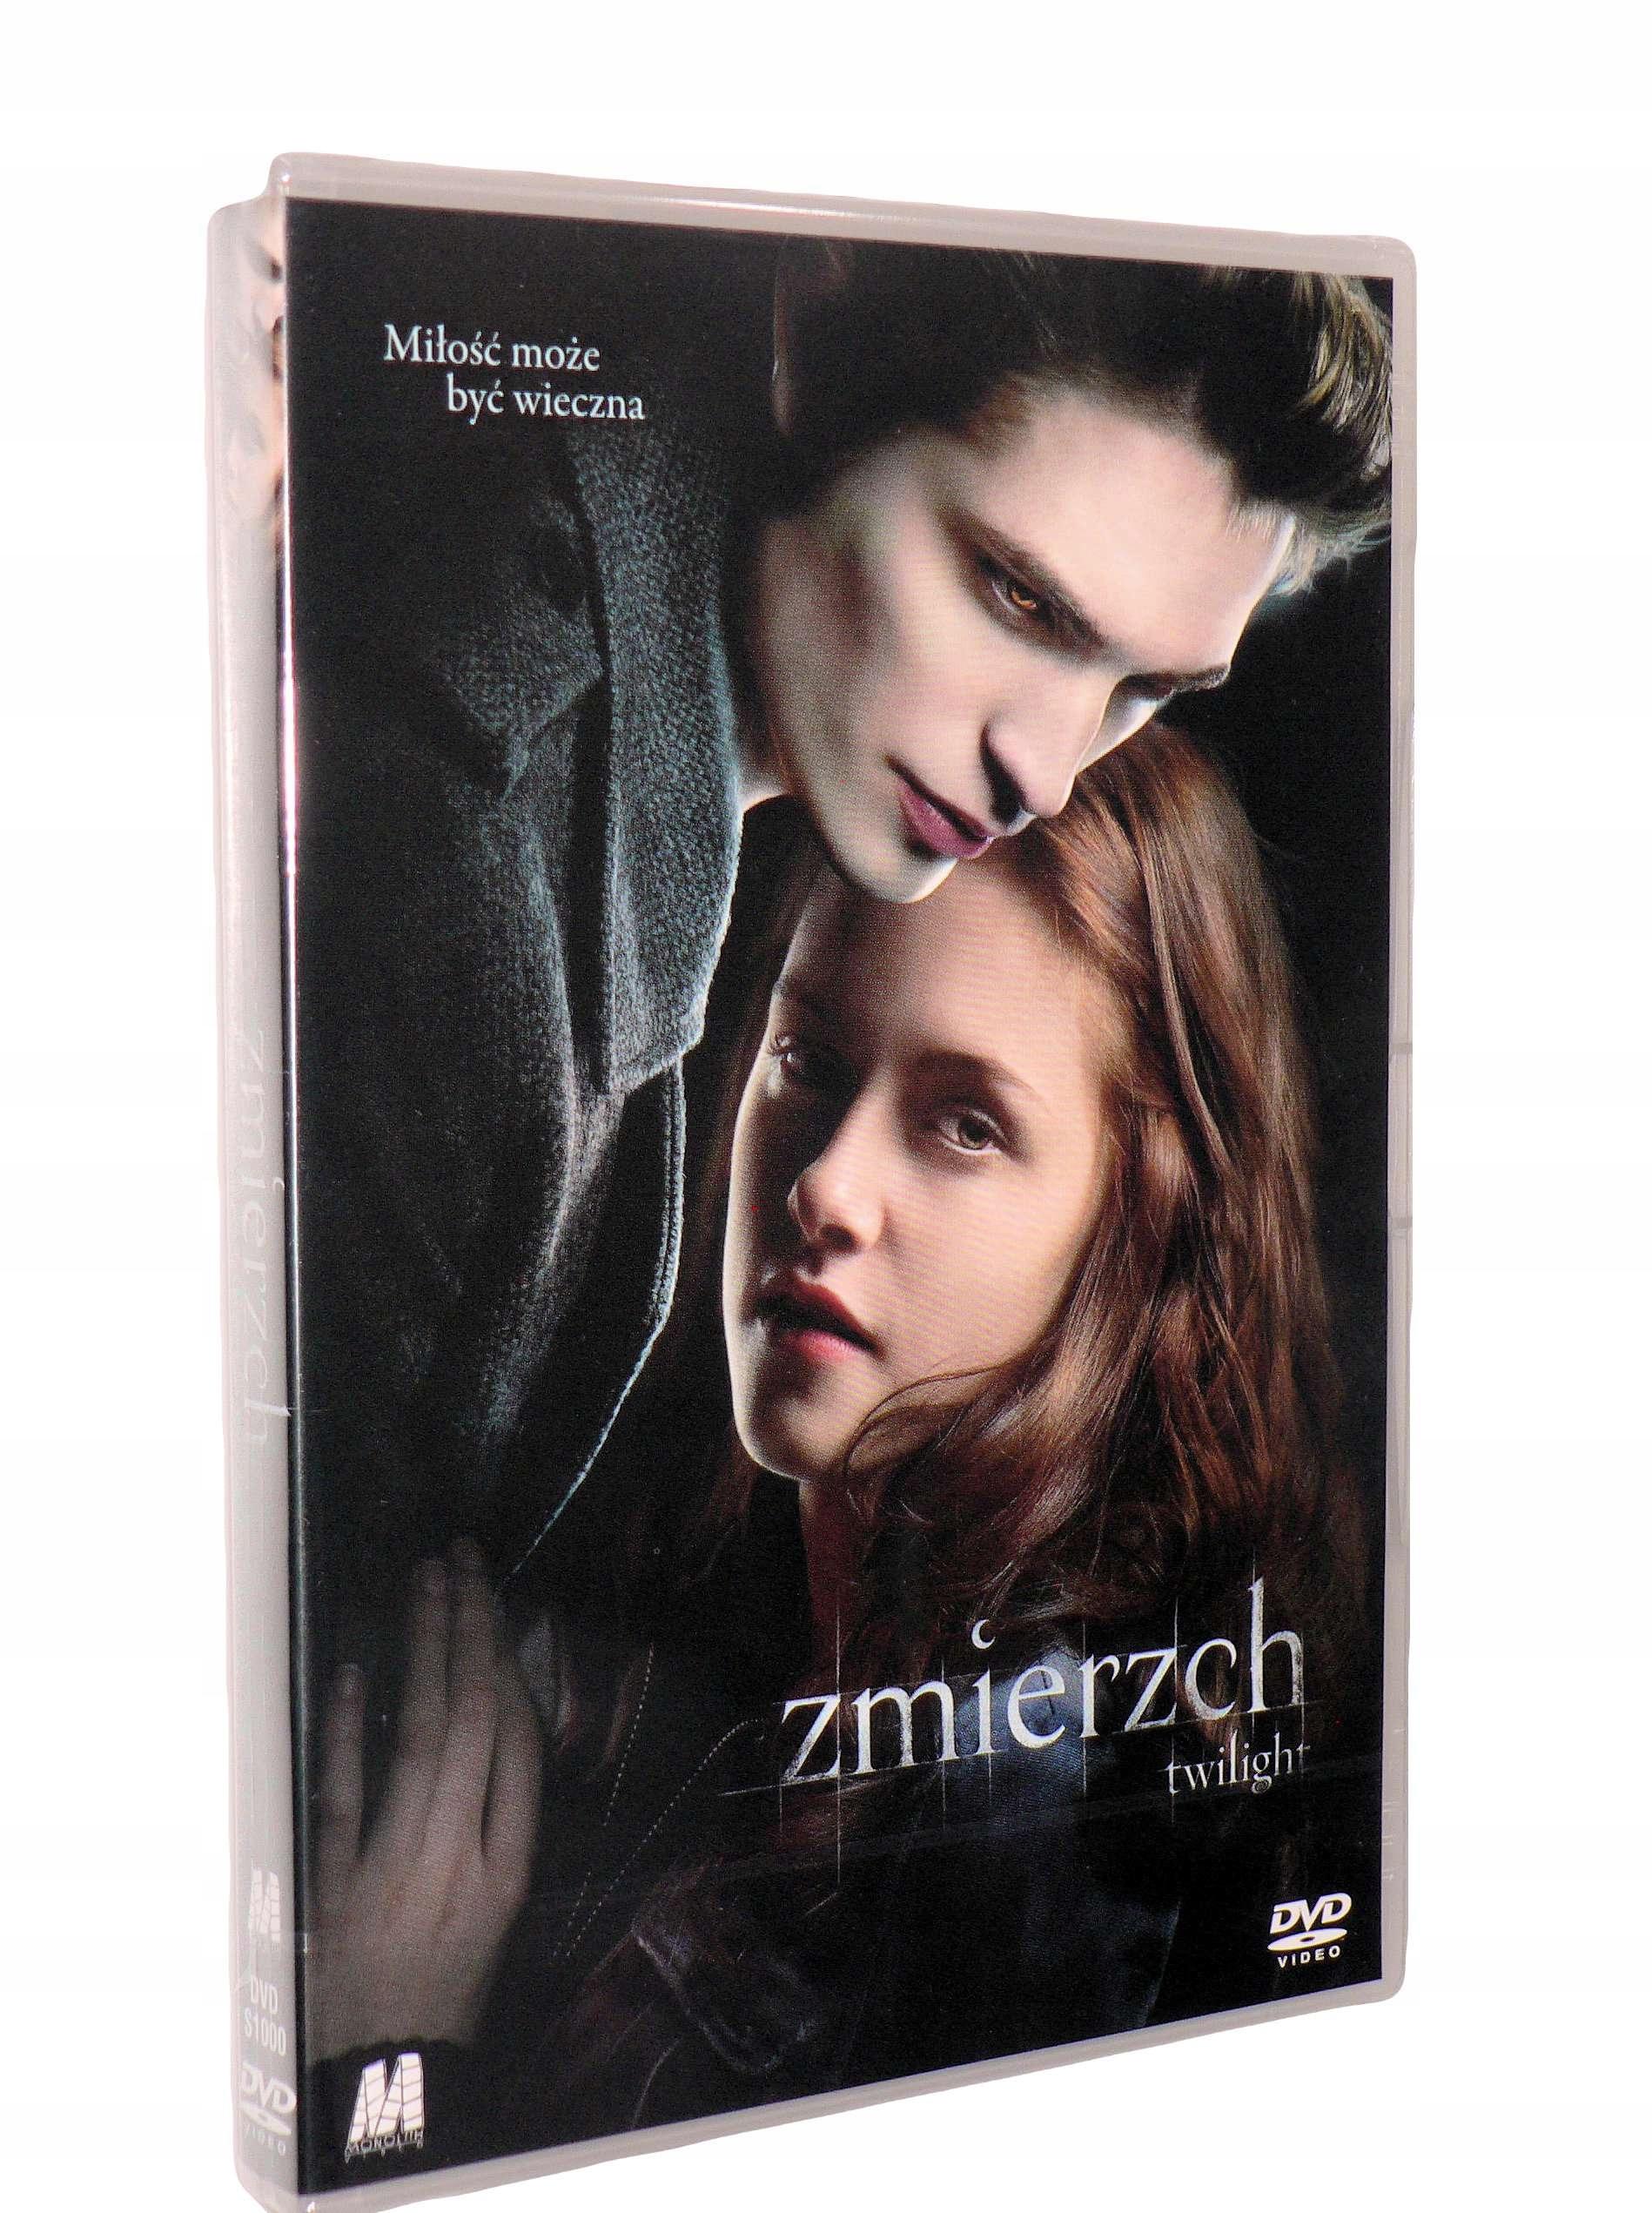 DVD - ZMIERZCH(2008)- K.Stewart, nowa folia lektor